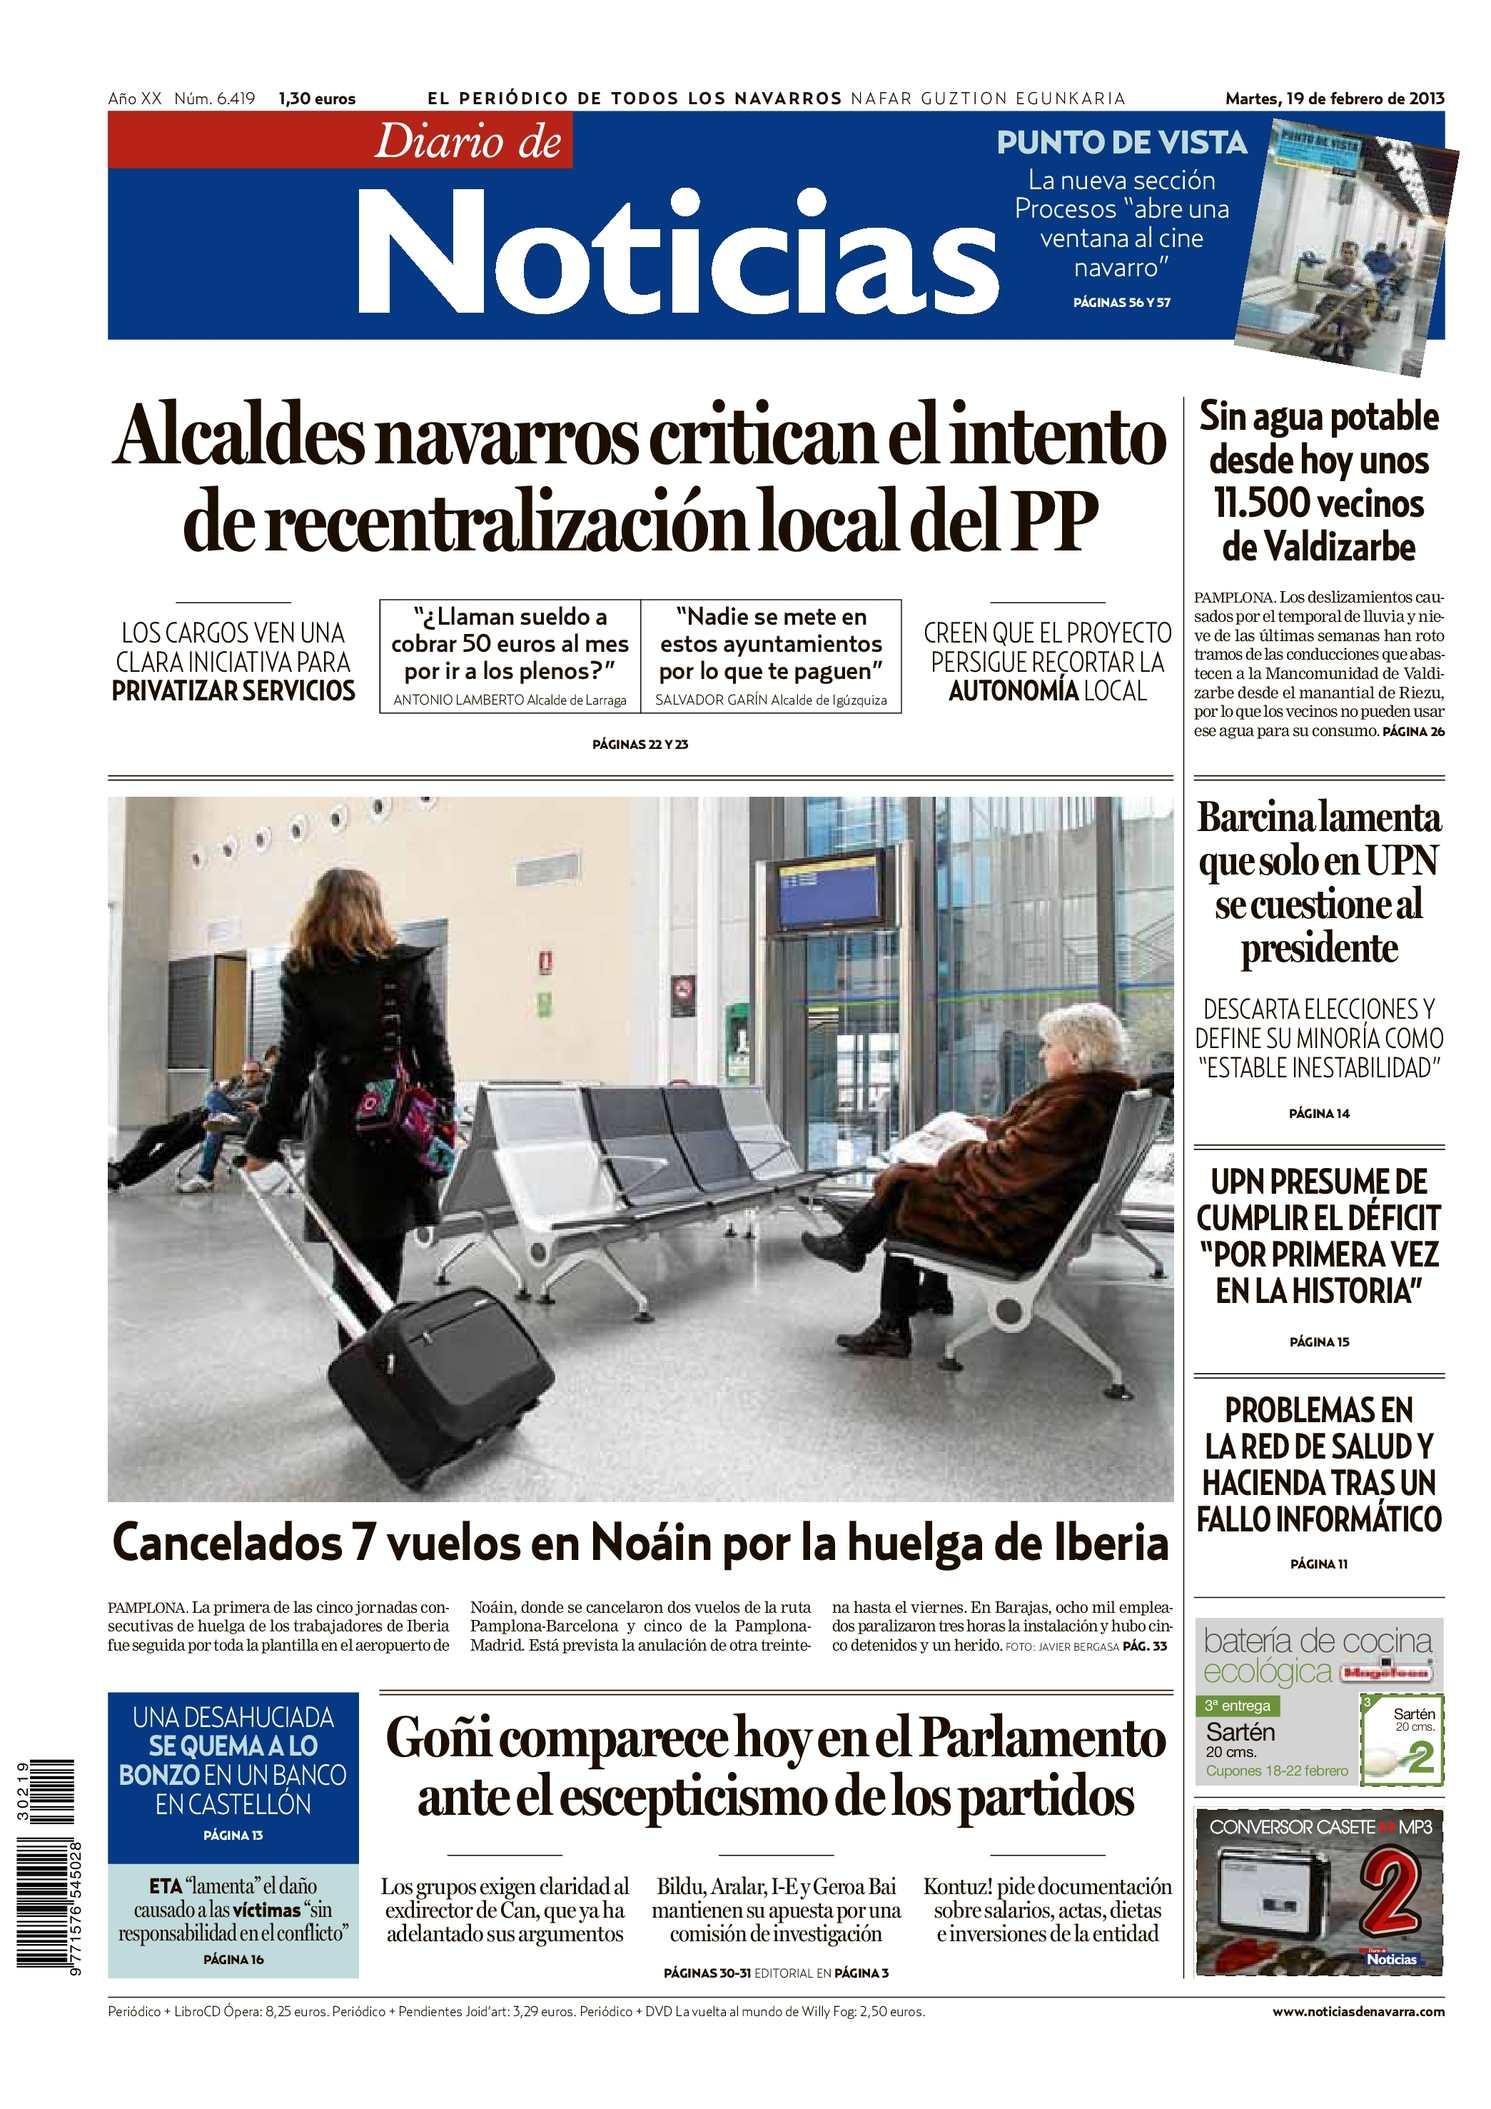 Calaméo - Diario de Noticias 20130219 1da6b36b005